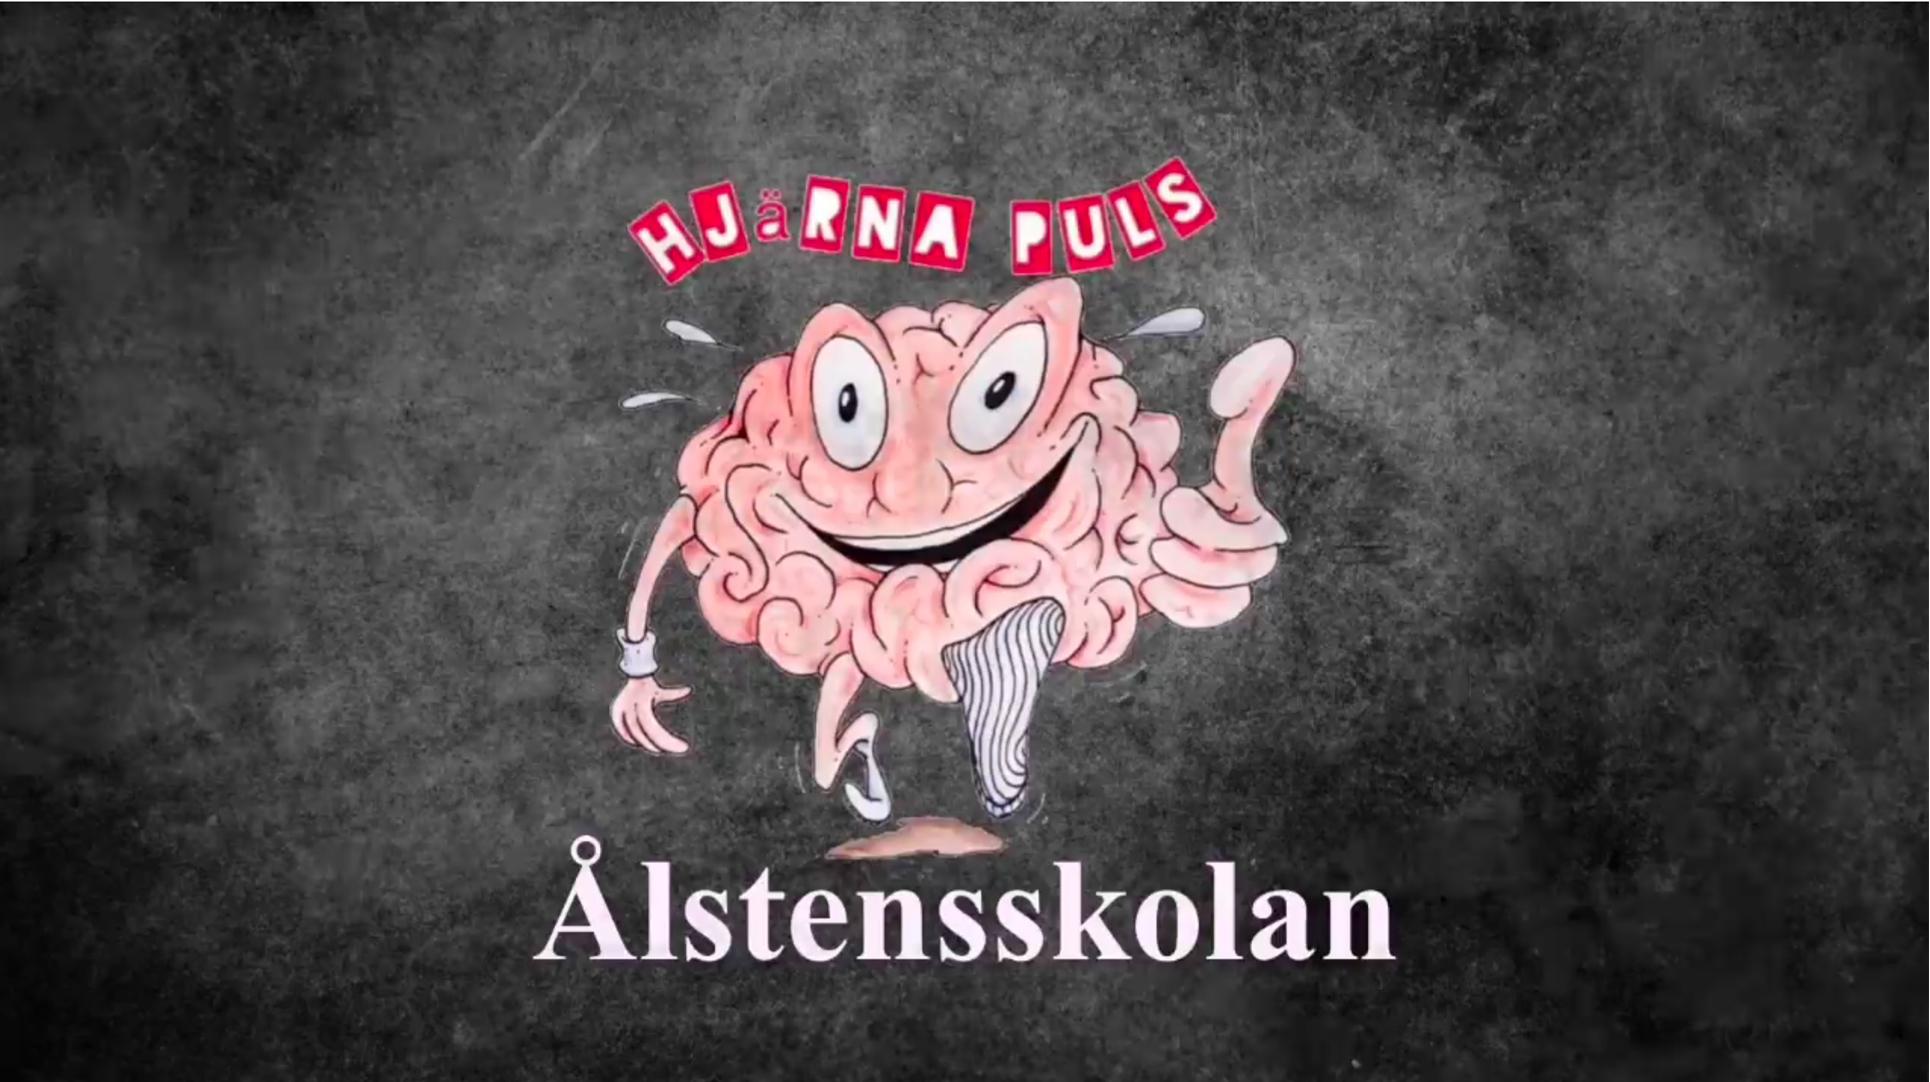 ActiveS - Sveriges Piggaste Klassrum - Ålstensskolan F-5, Stockholm